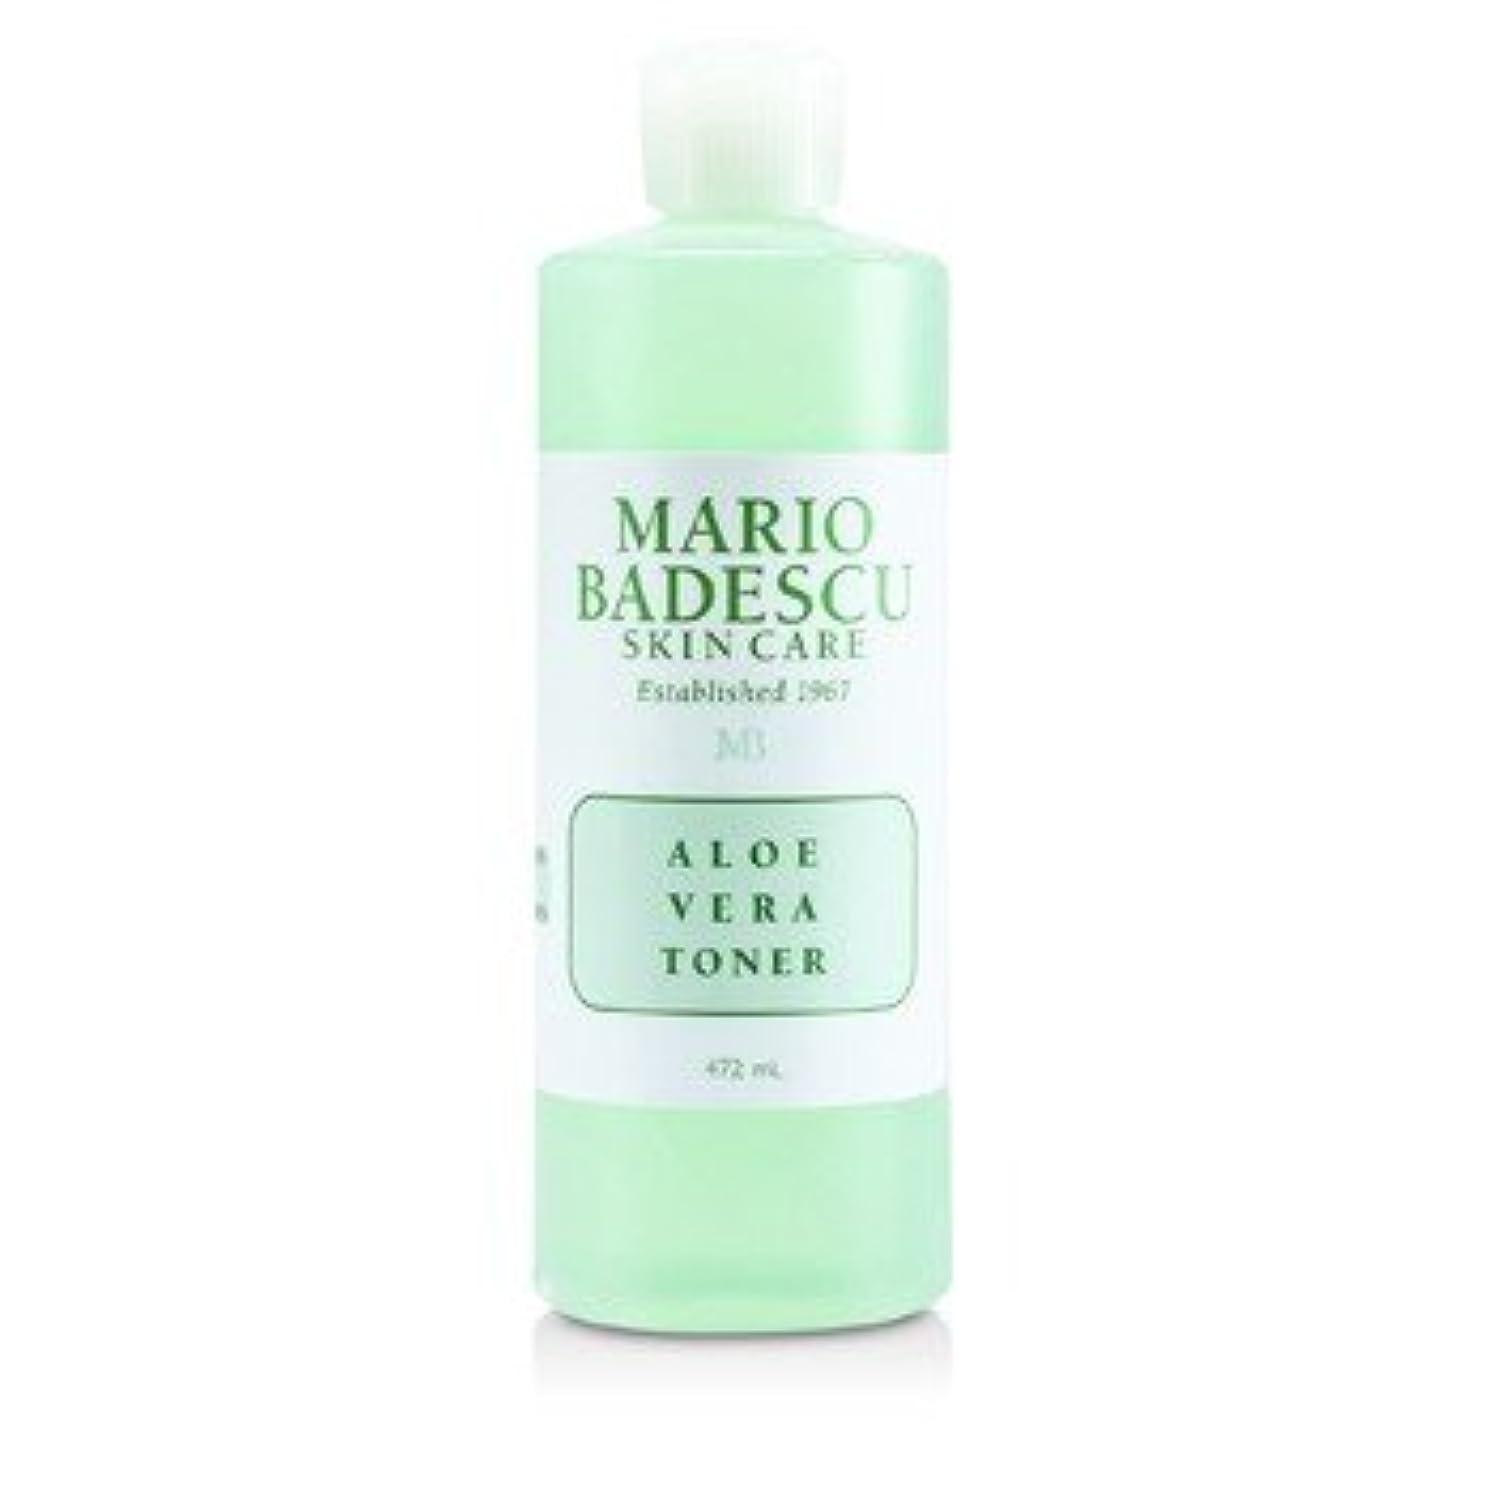 妖精支払いアスペクト[Mario Badescu] Aloe Vera Toner - For Dry/ Sensitive Skin Types 472ml/16oz